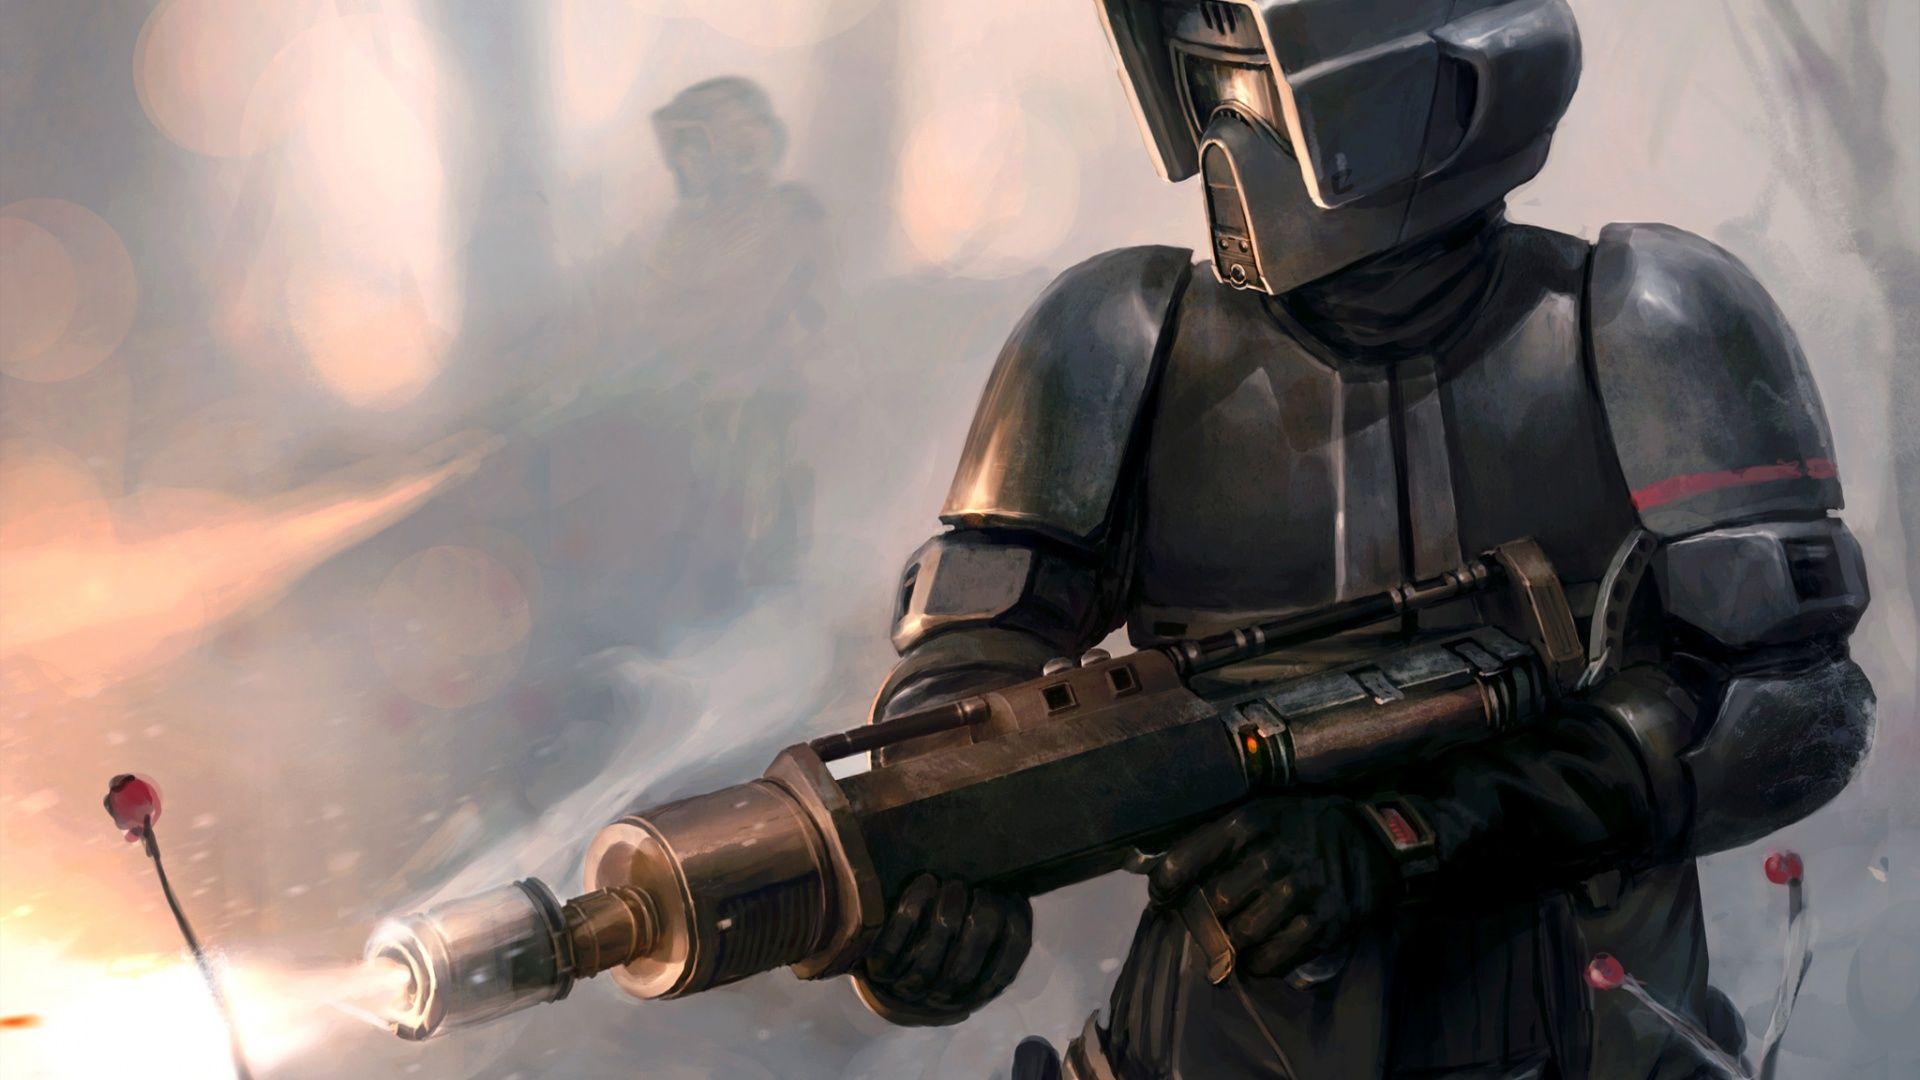 Скачать обои Scout Trooper, Flamethrower, Star Wars, Art, раздел фантастика в разрешении 1920x1080